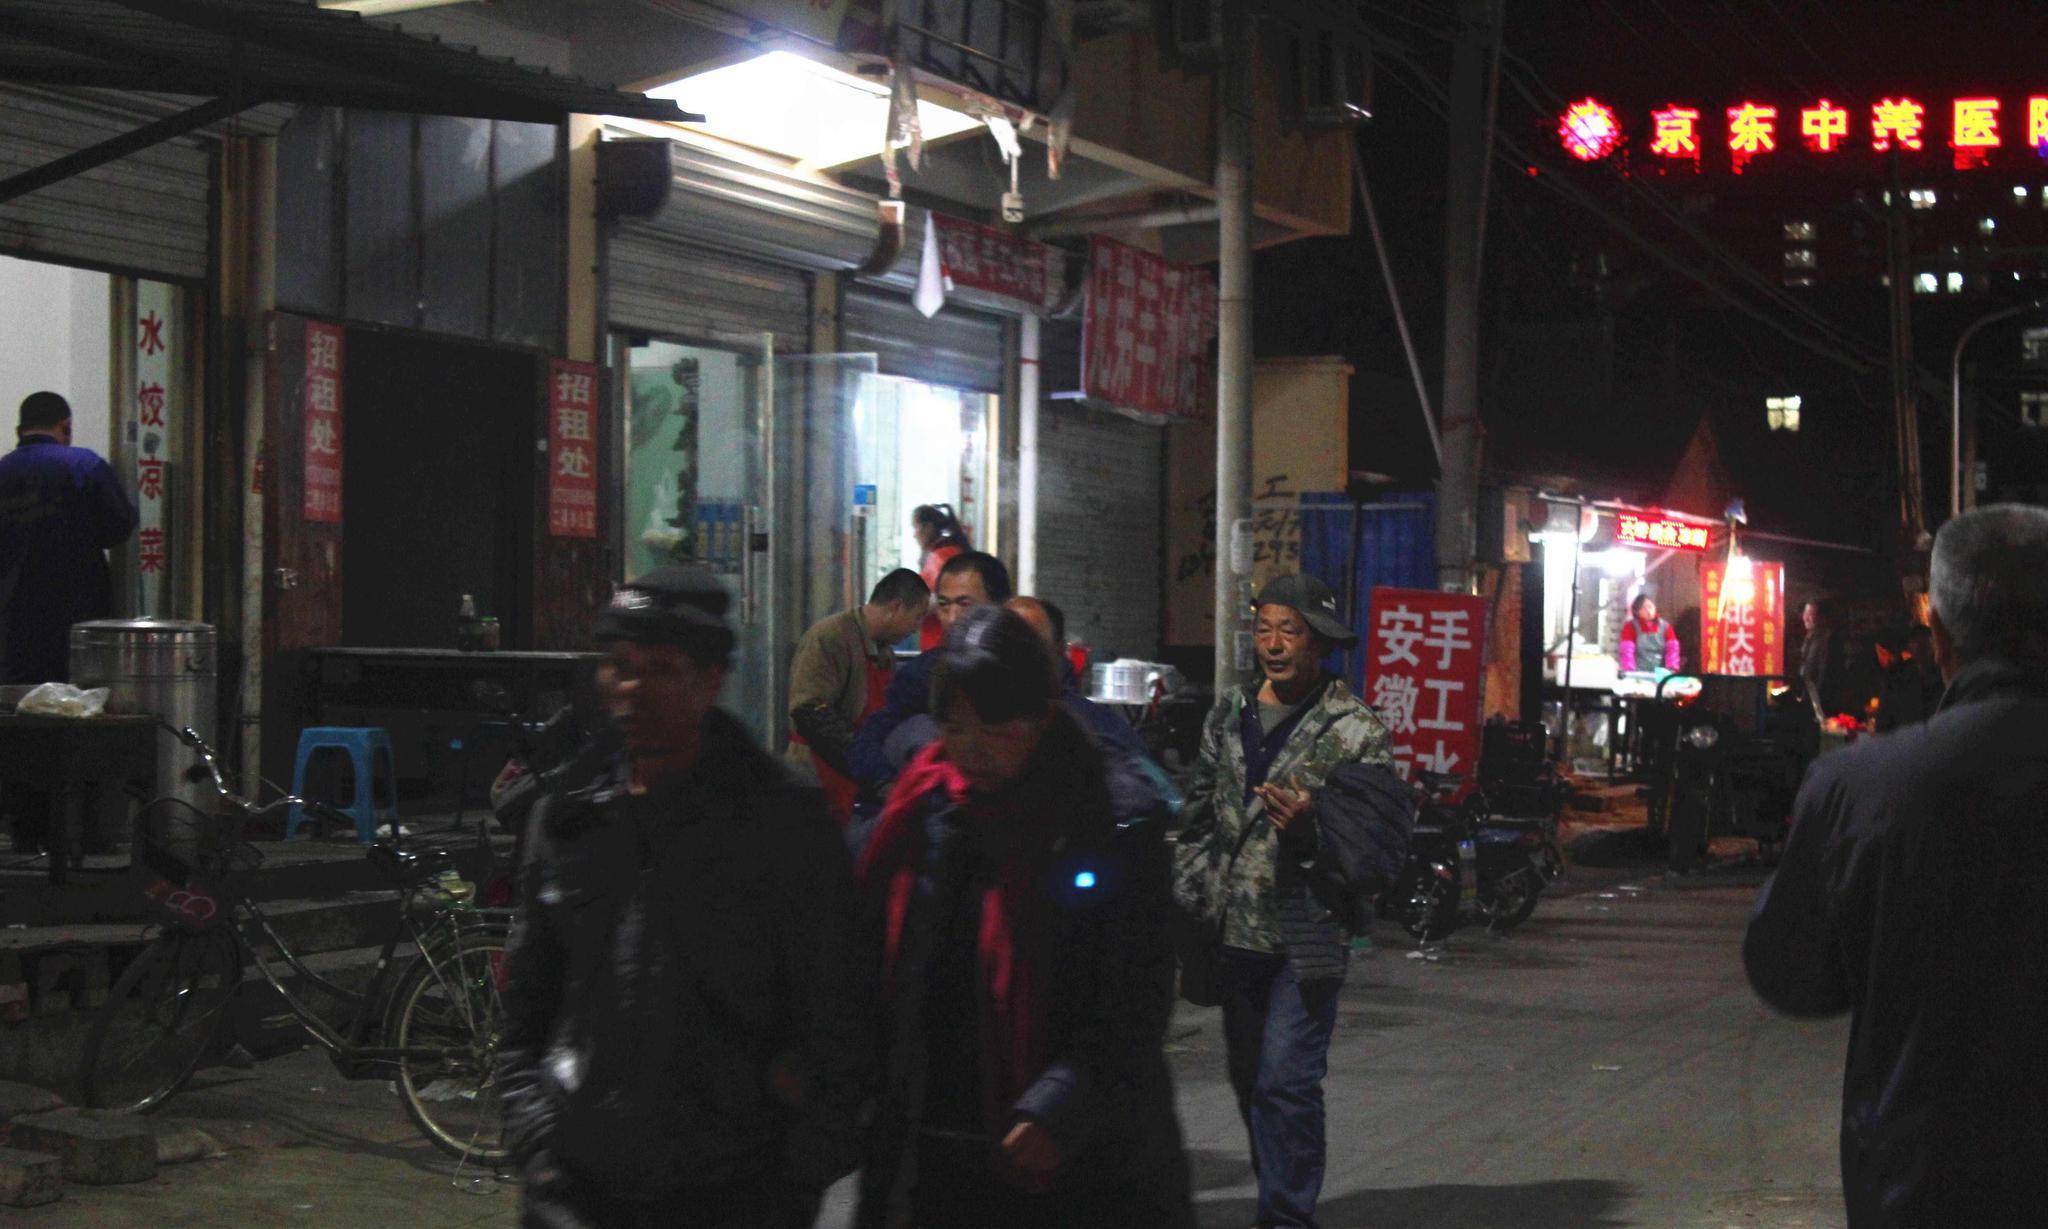 北漂农民工夜晚燕郊生活 床铺十块钱一晚